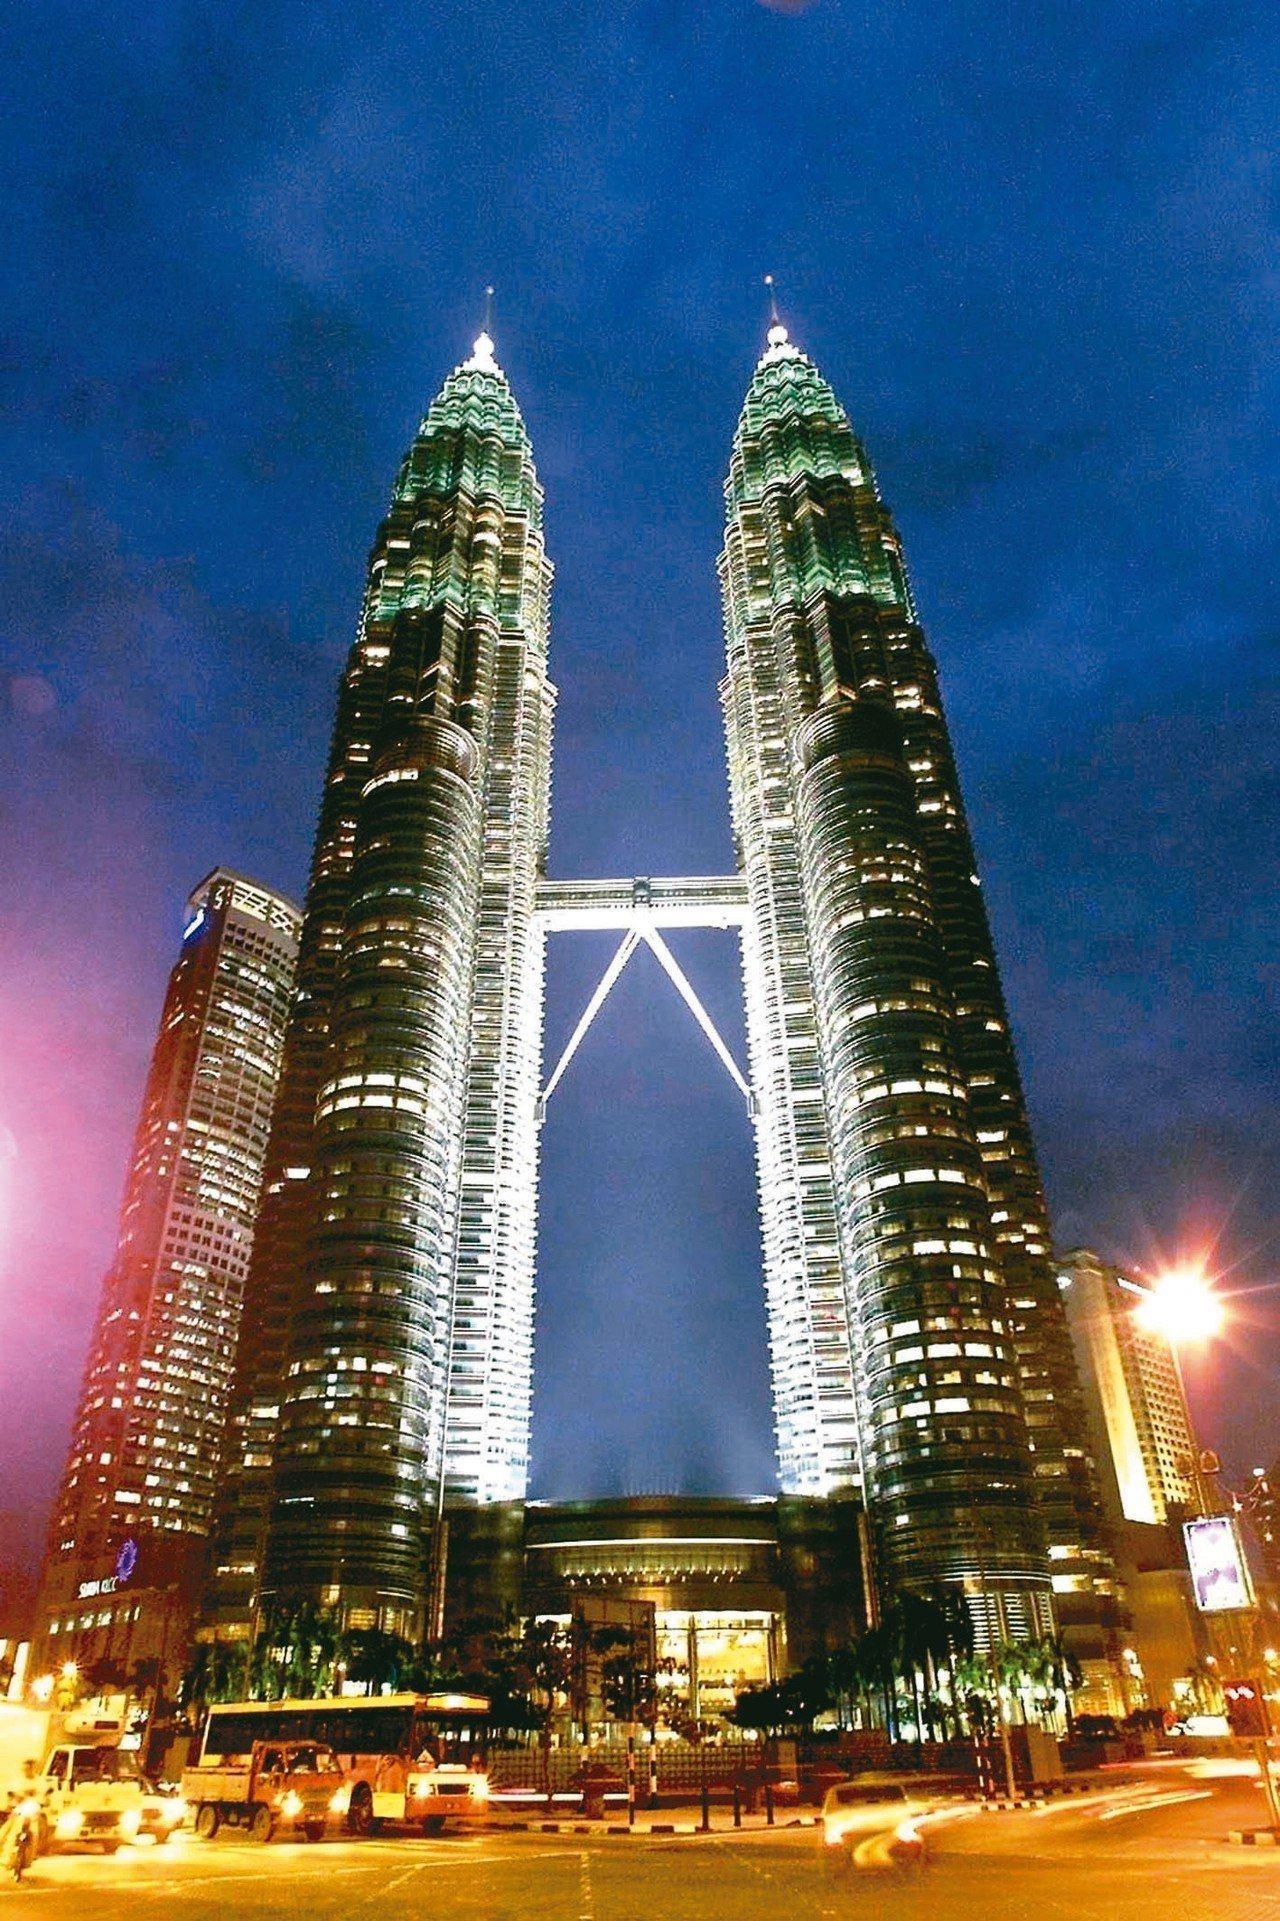 海外不動產是不少投資人的選項,而馬來西亞的海外標的中,位於吉隆坡核心地帶的敦拉薩...